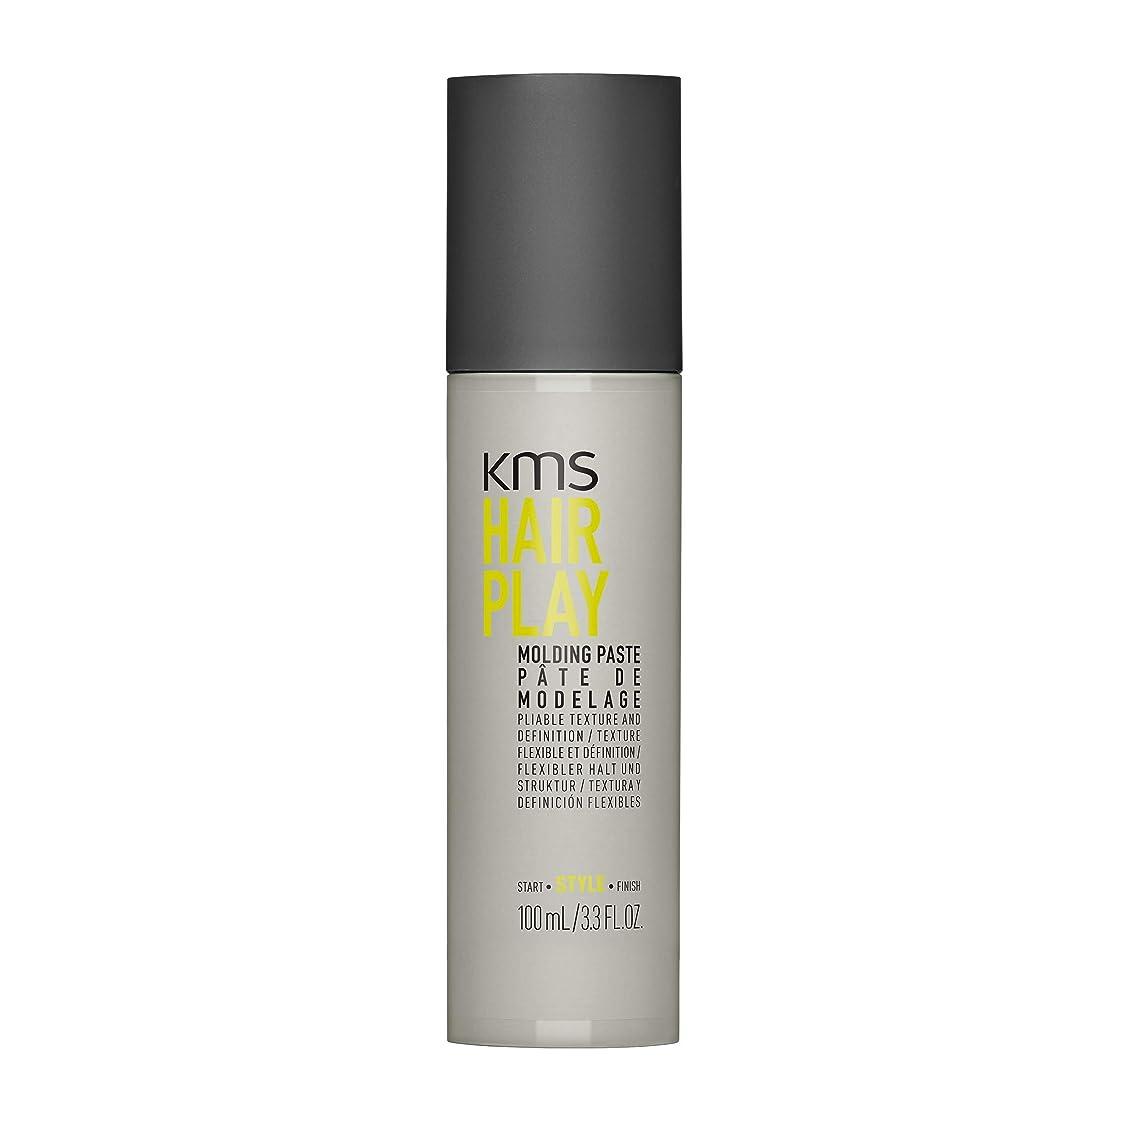 内訳ホール雰囲気KMSカリフォルニア Hair Play Molding Paste (Pliable Texture And Definition) 100ml